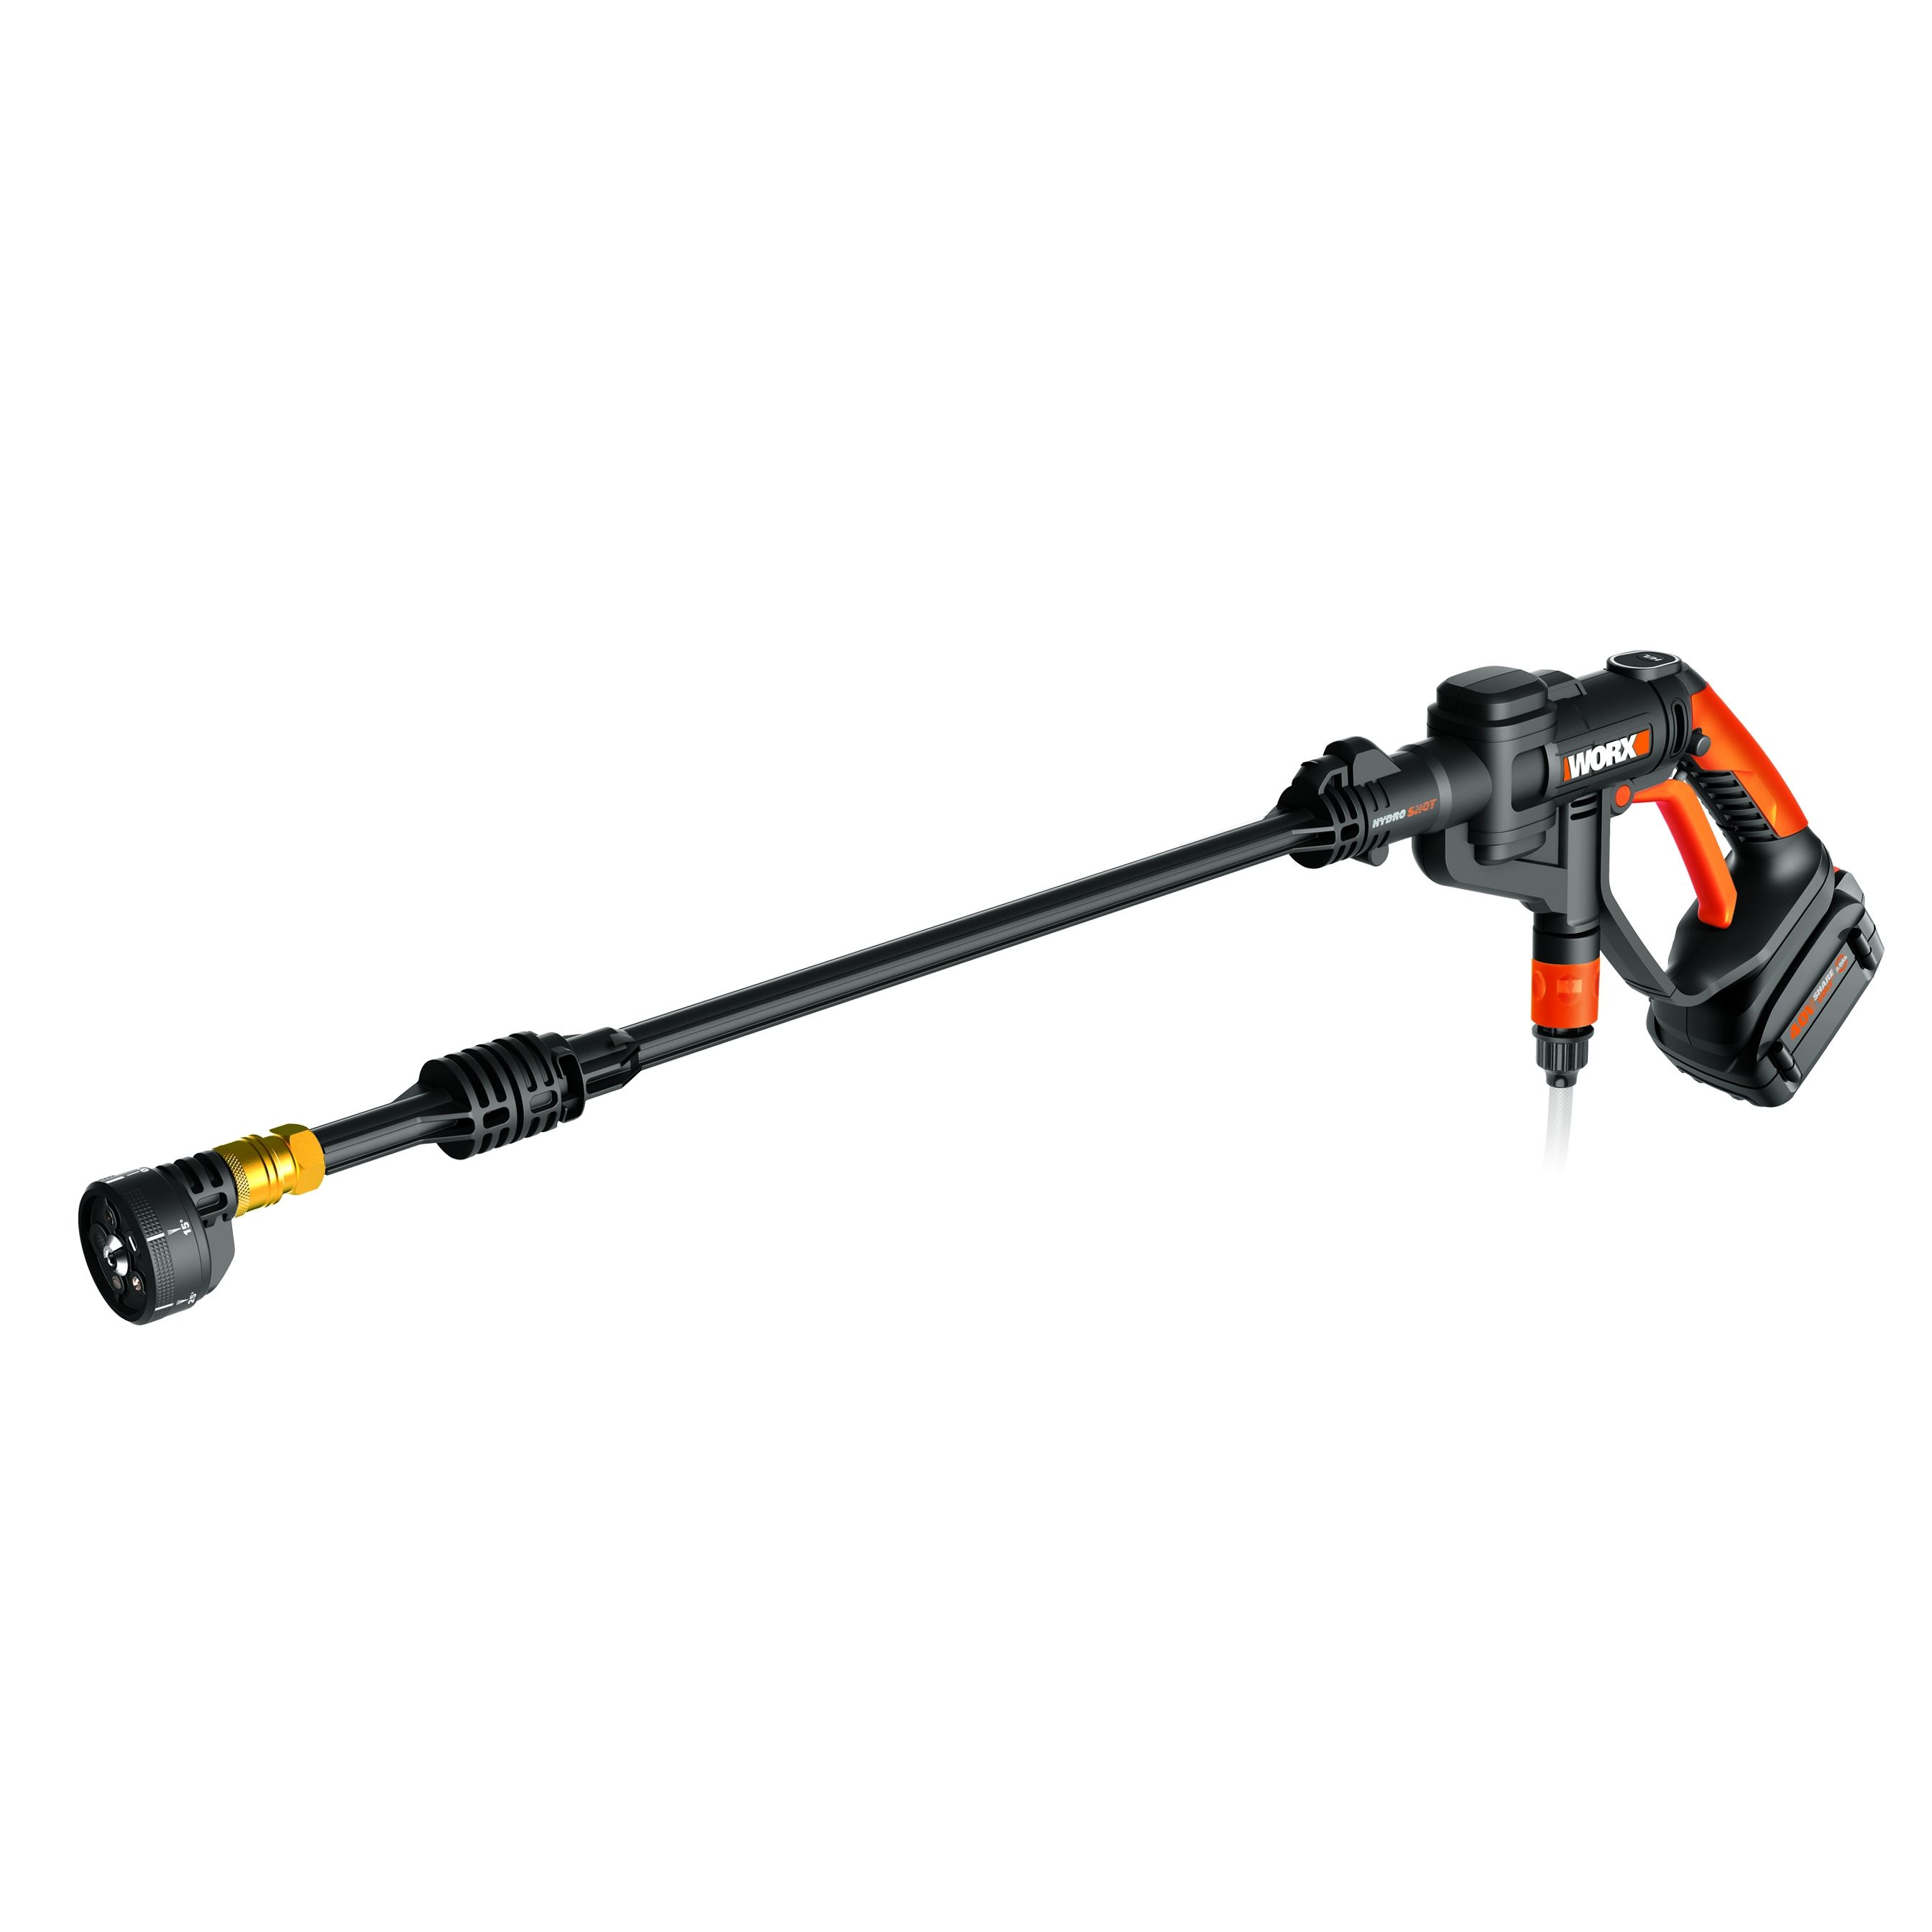 40v Hydroshot Portable Power Cleaner